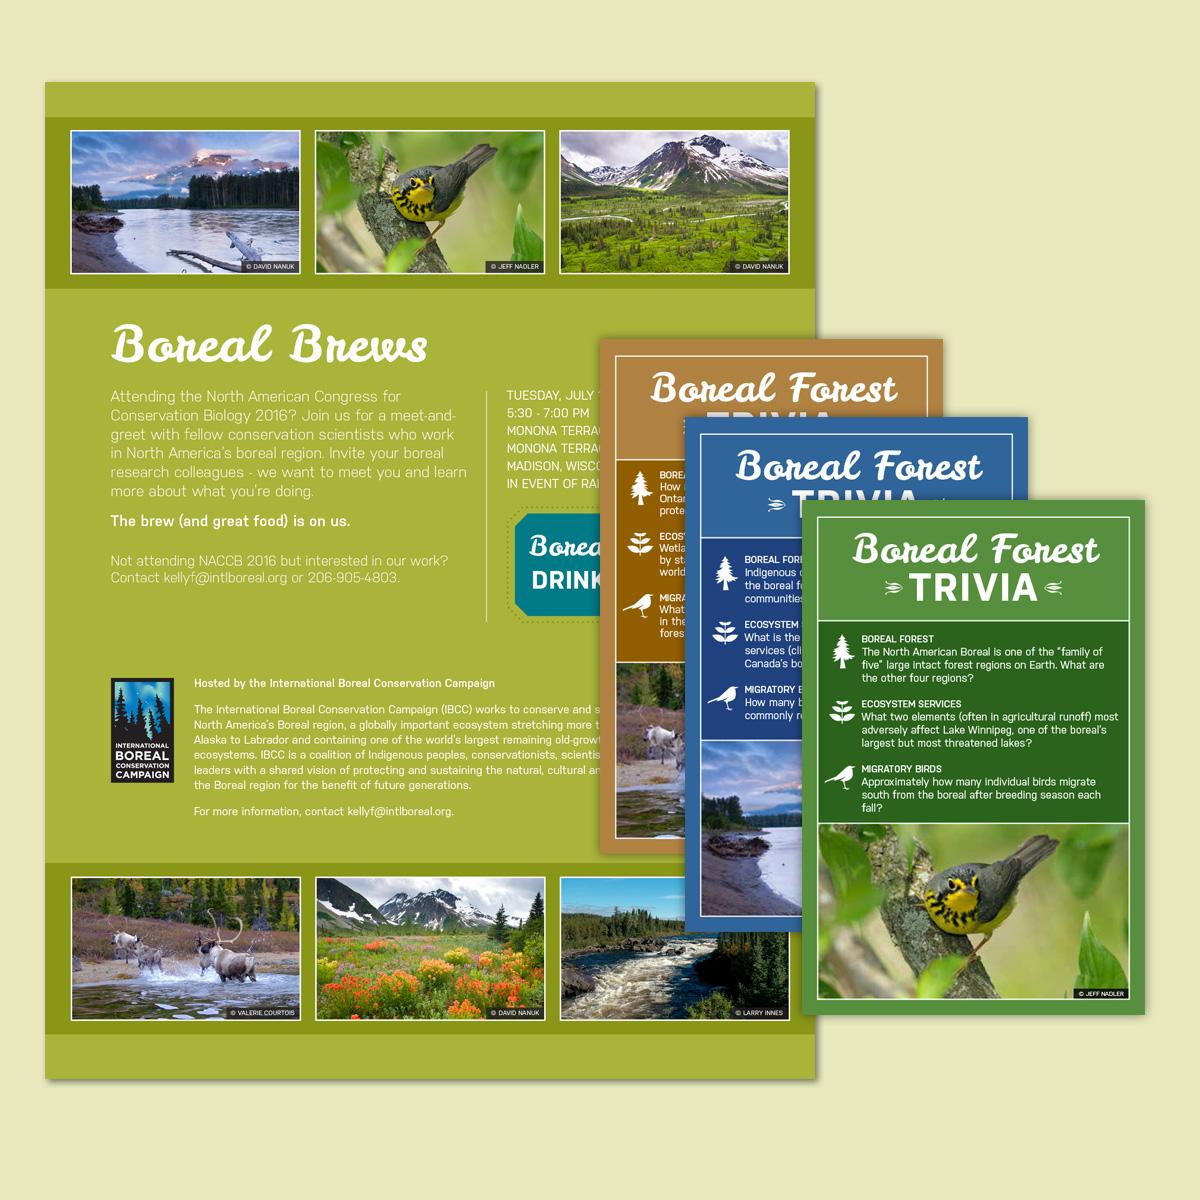 BSI conference materials